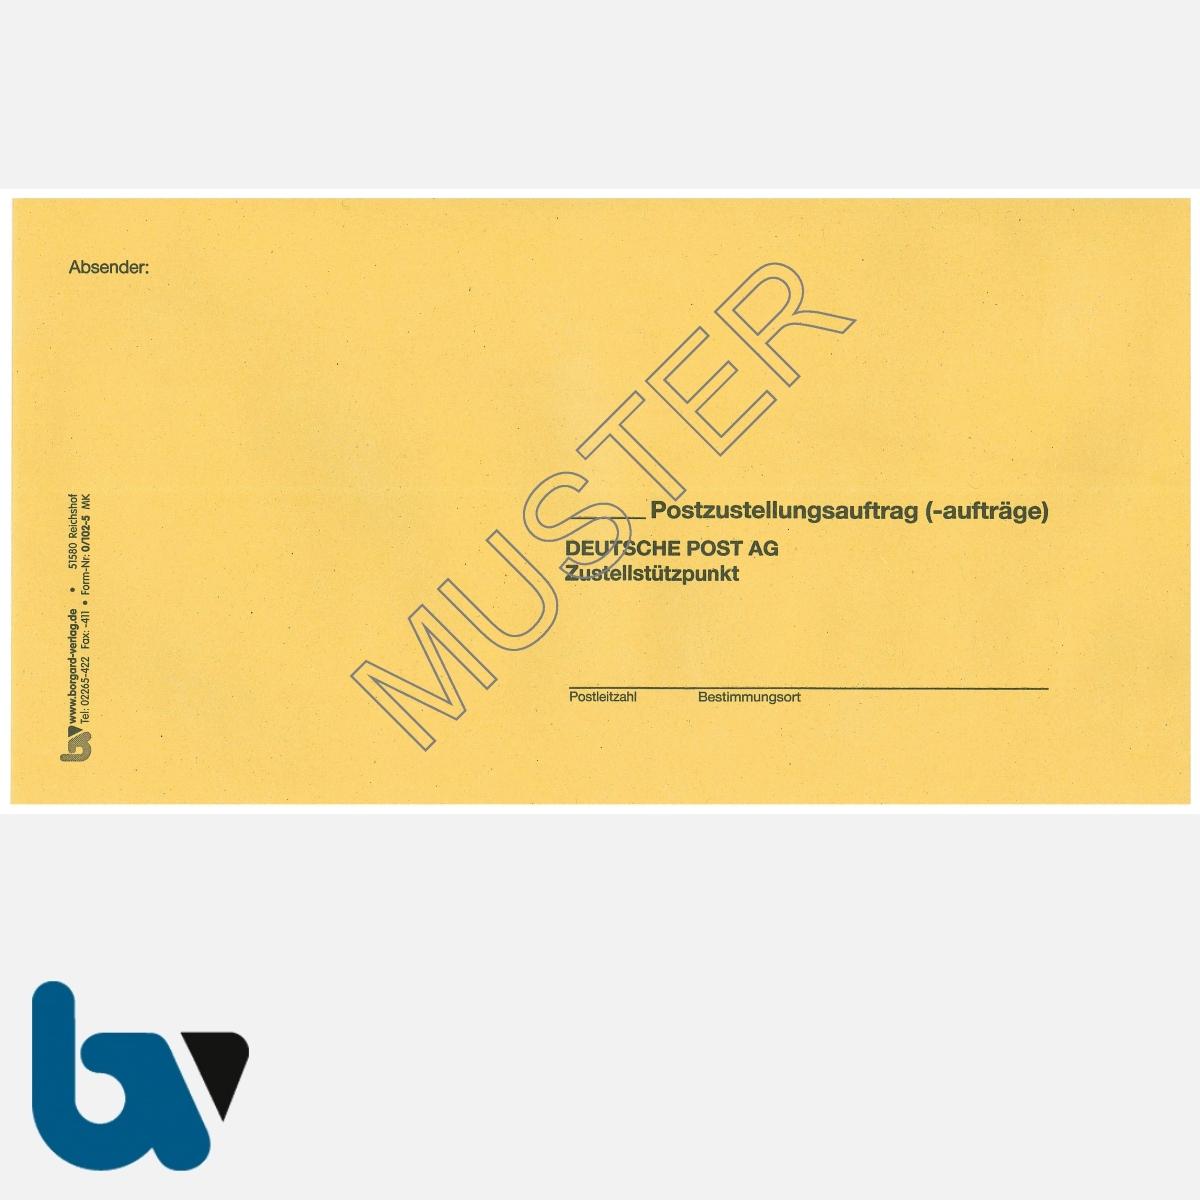 0/102-5 Postzustellungsauftrag - Äußerer Umschlag, DIN lang, ohne Fenster, haftklebend, Vorderseite | Borgard Verlag GmbH